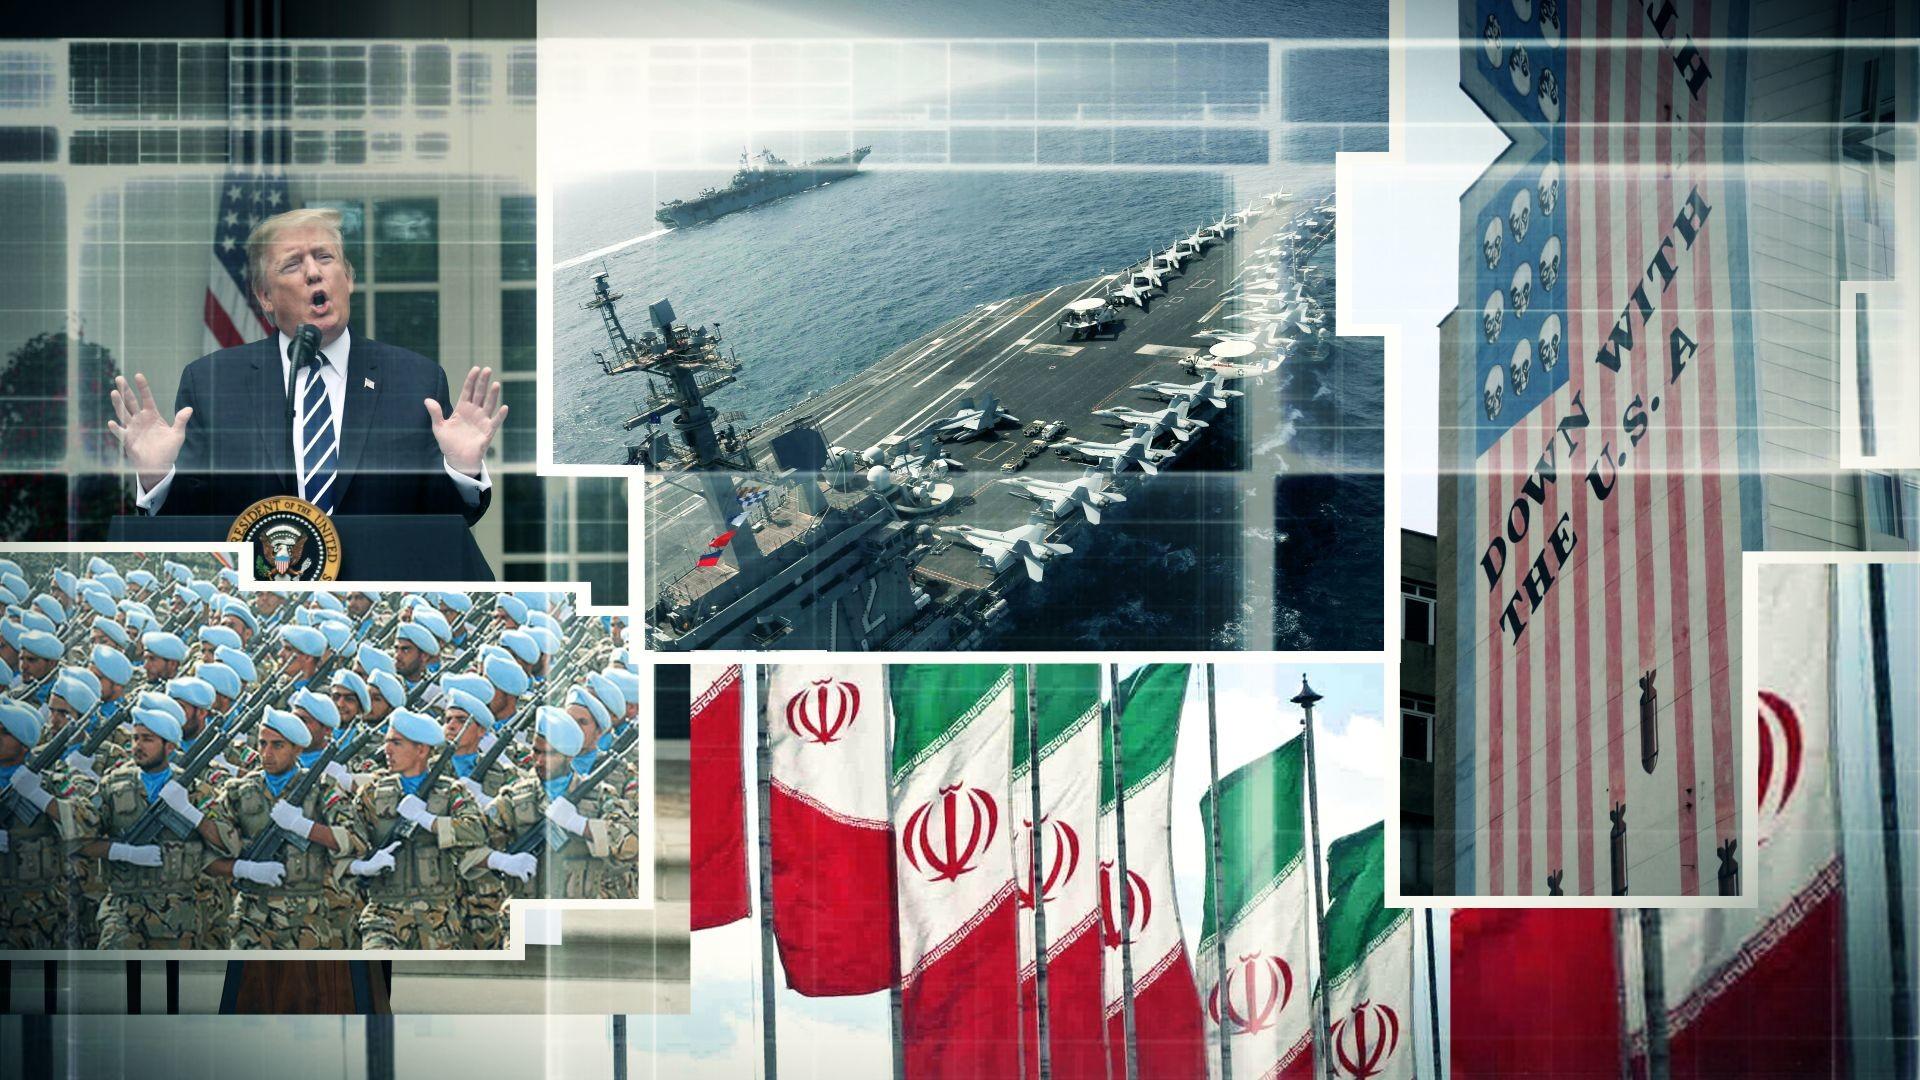 النزاع بين الولايات المتحدة وإيران يمكن أن يشعل حربا كبيرة في الشرق الأوسط